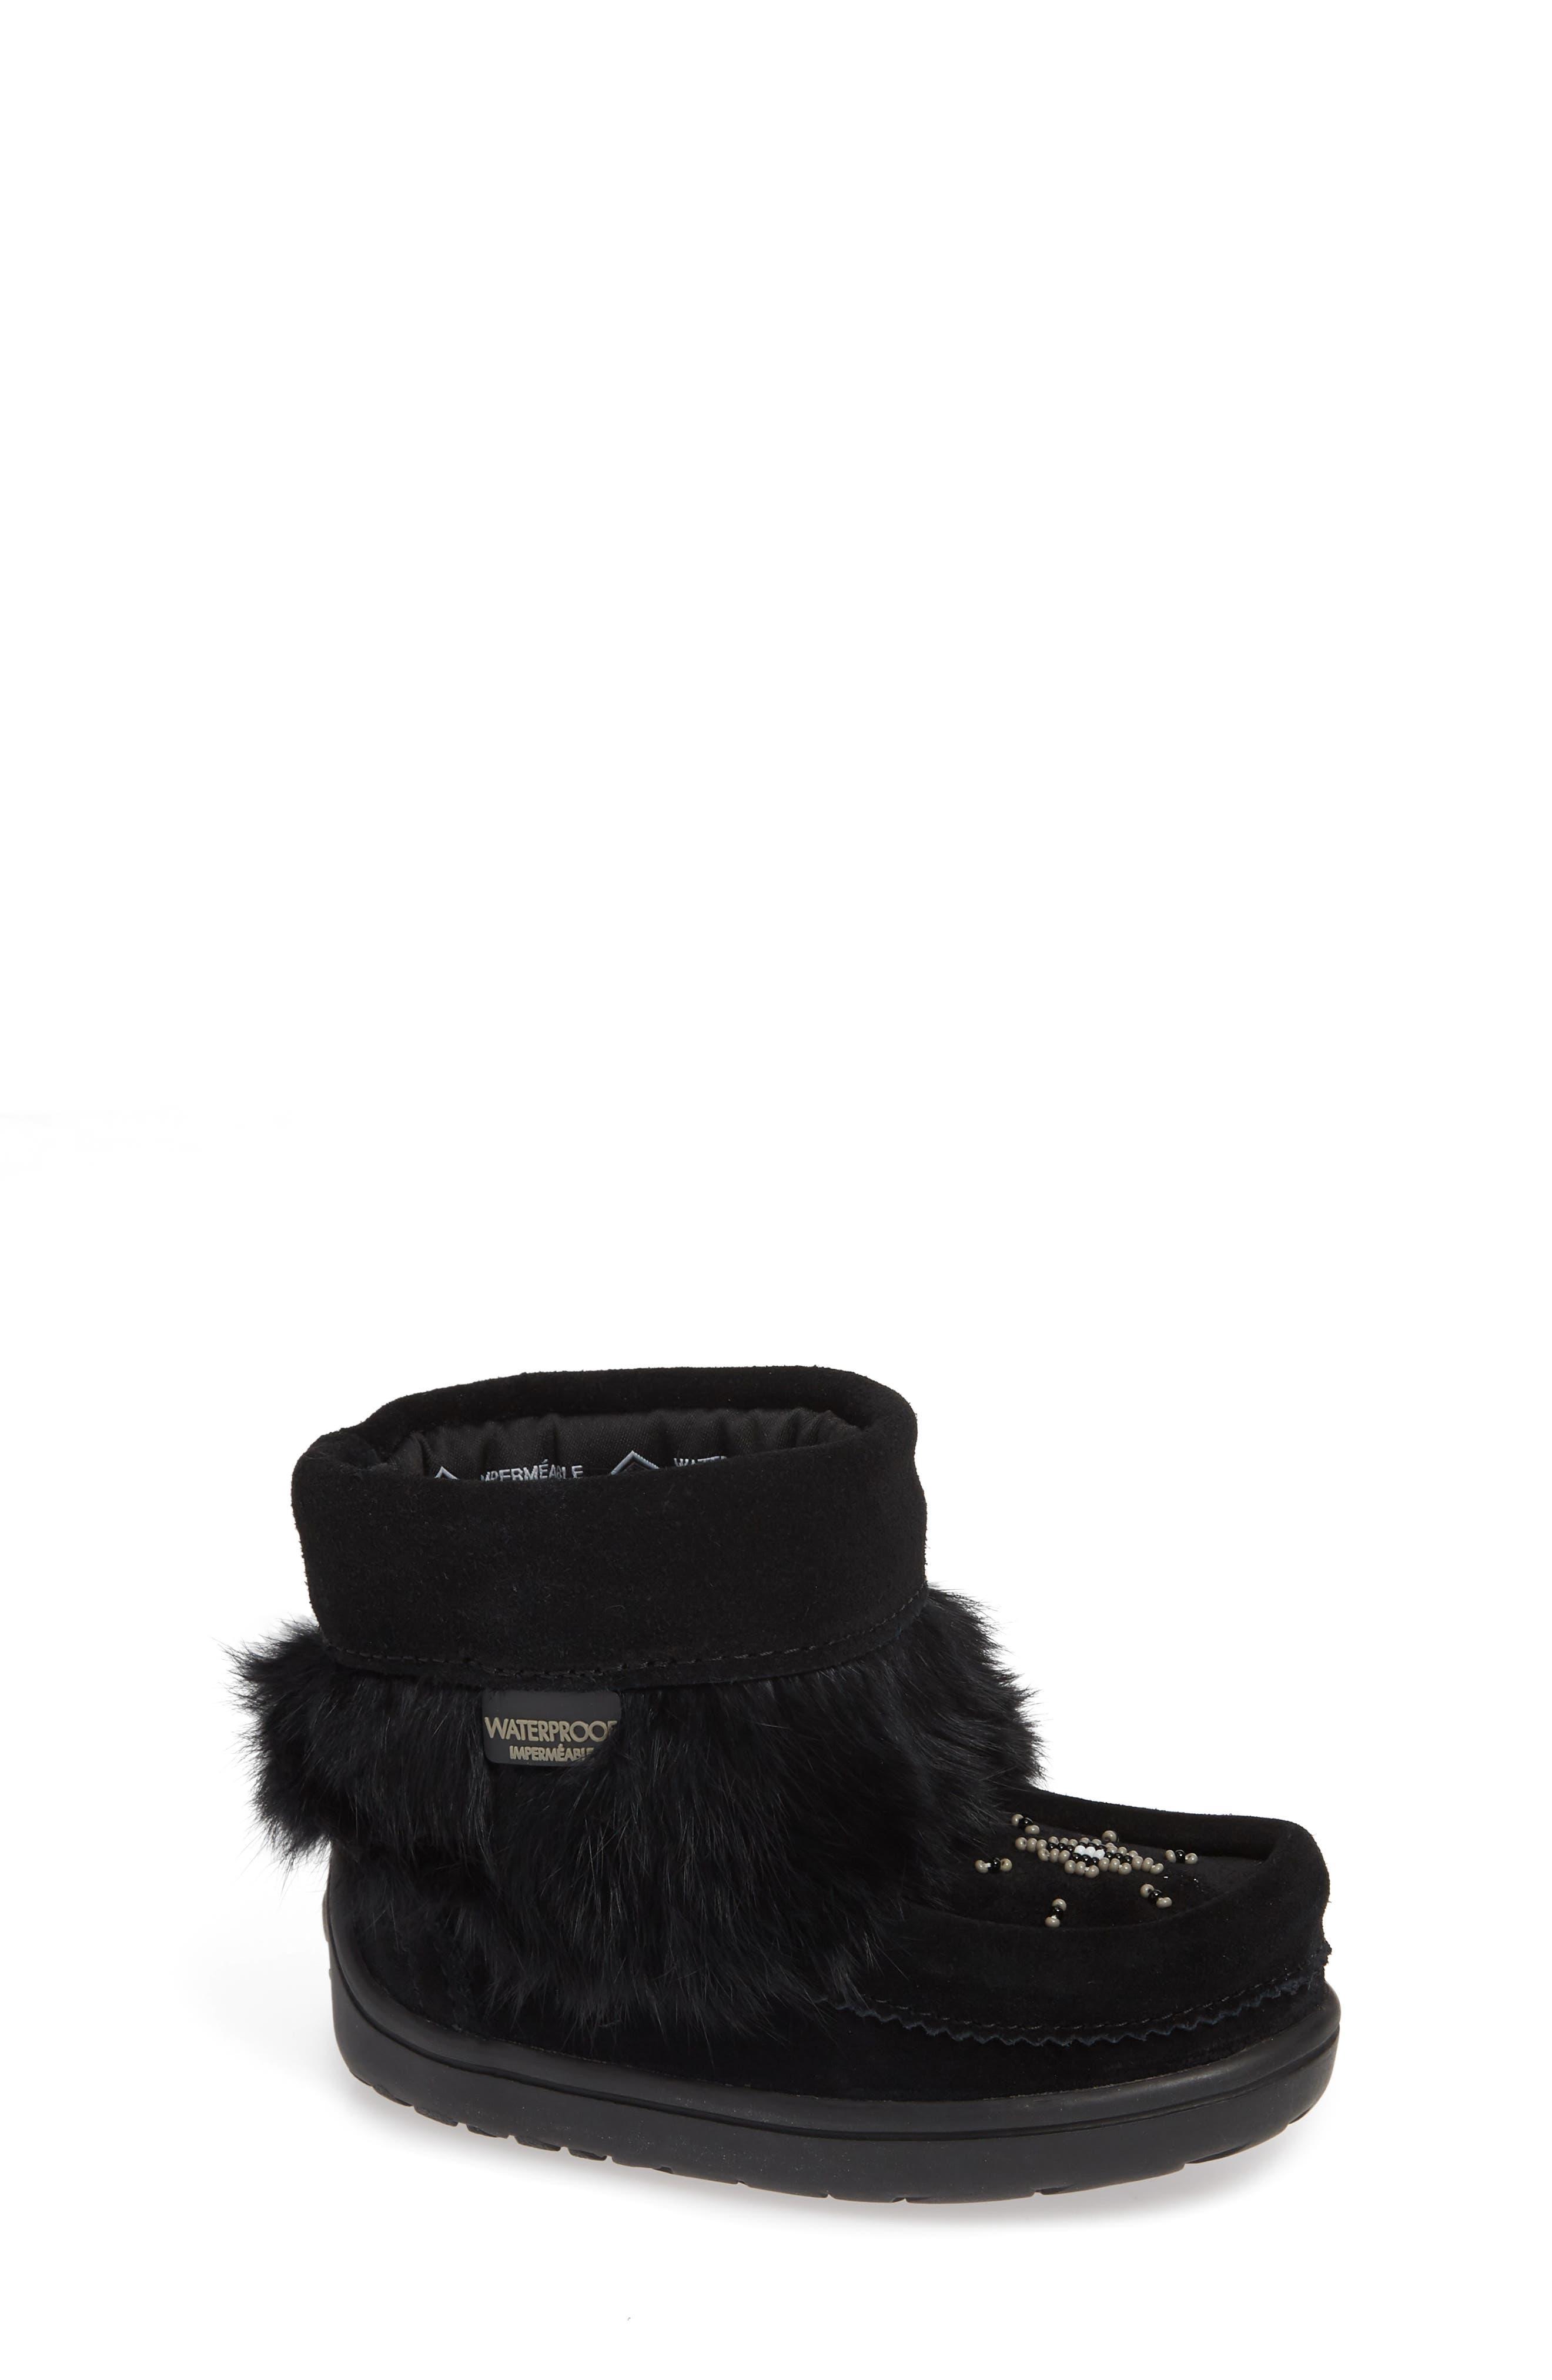 Snowy Owlet Genuine Fur Waterproof Boot,                             Main thumbnail 1, color,                             BLACK